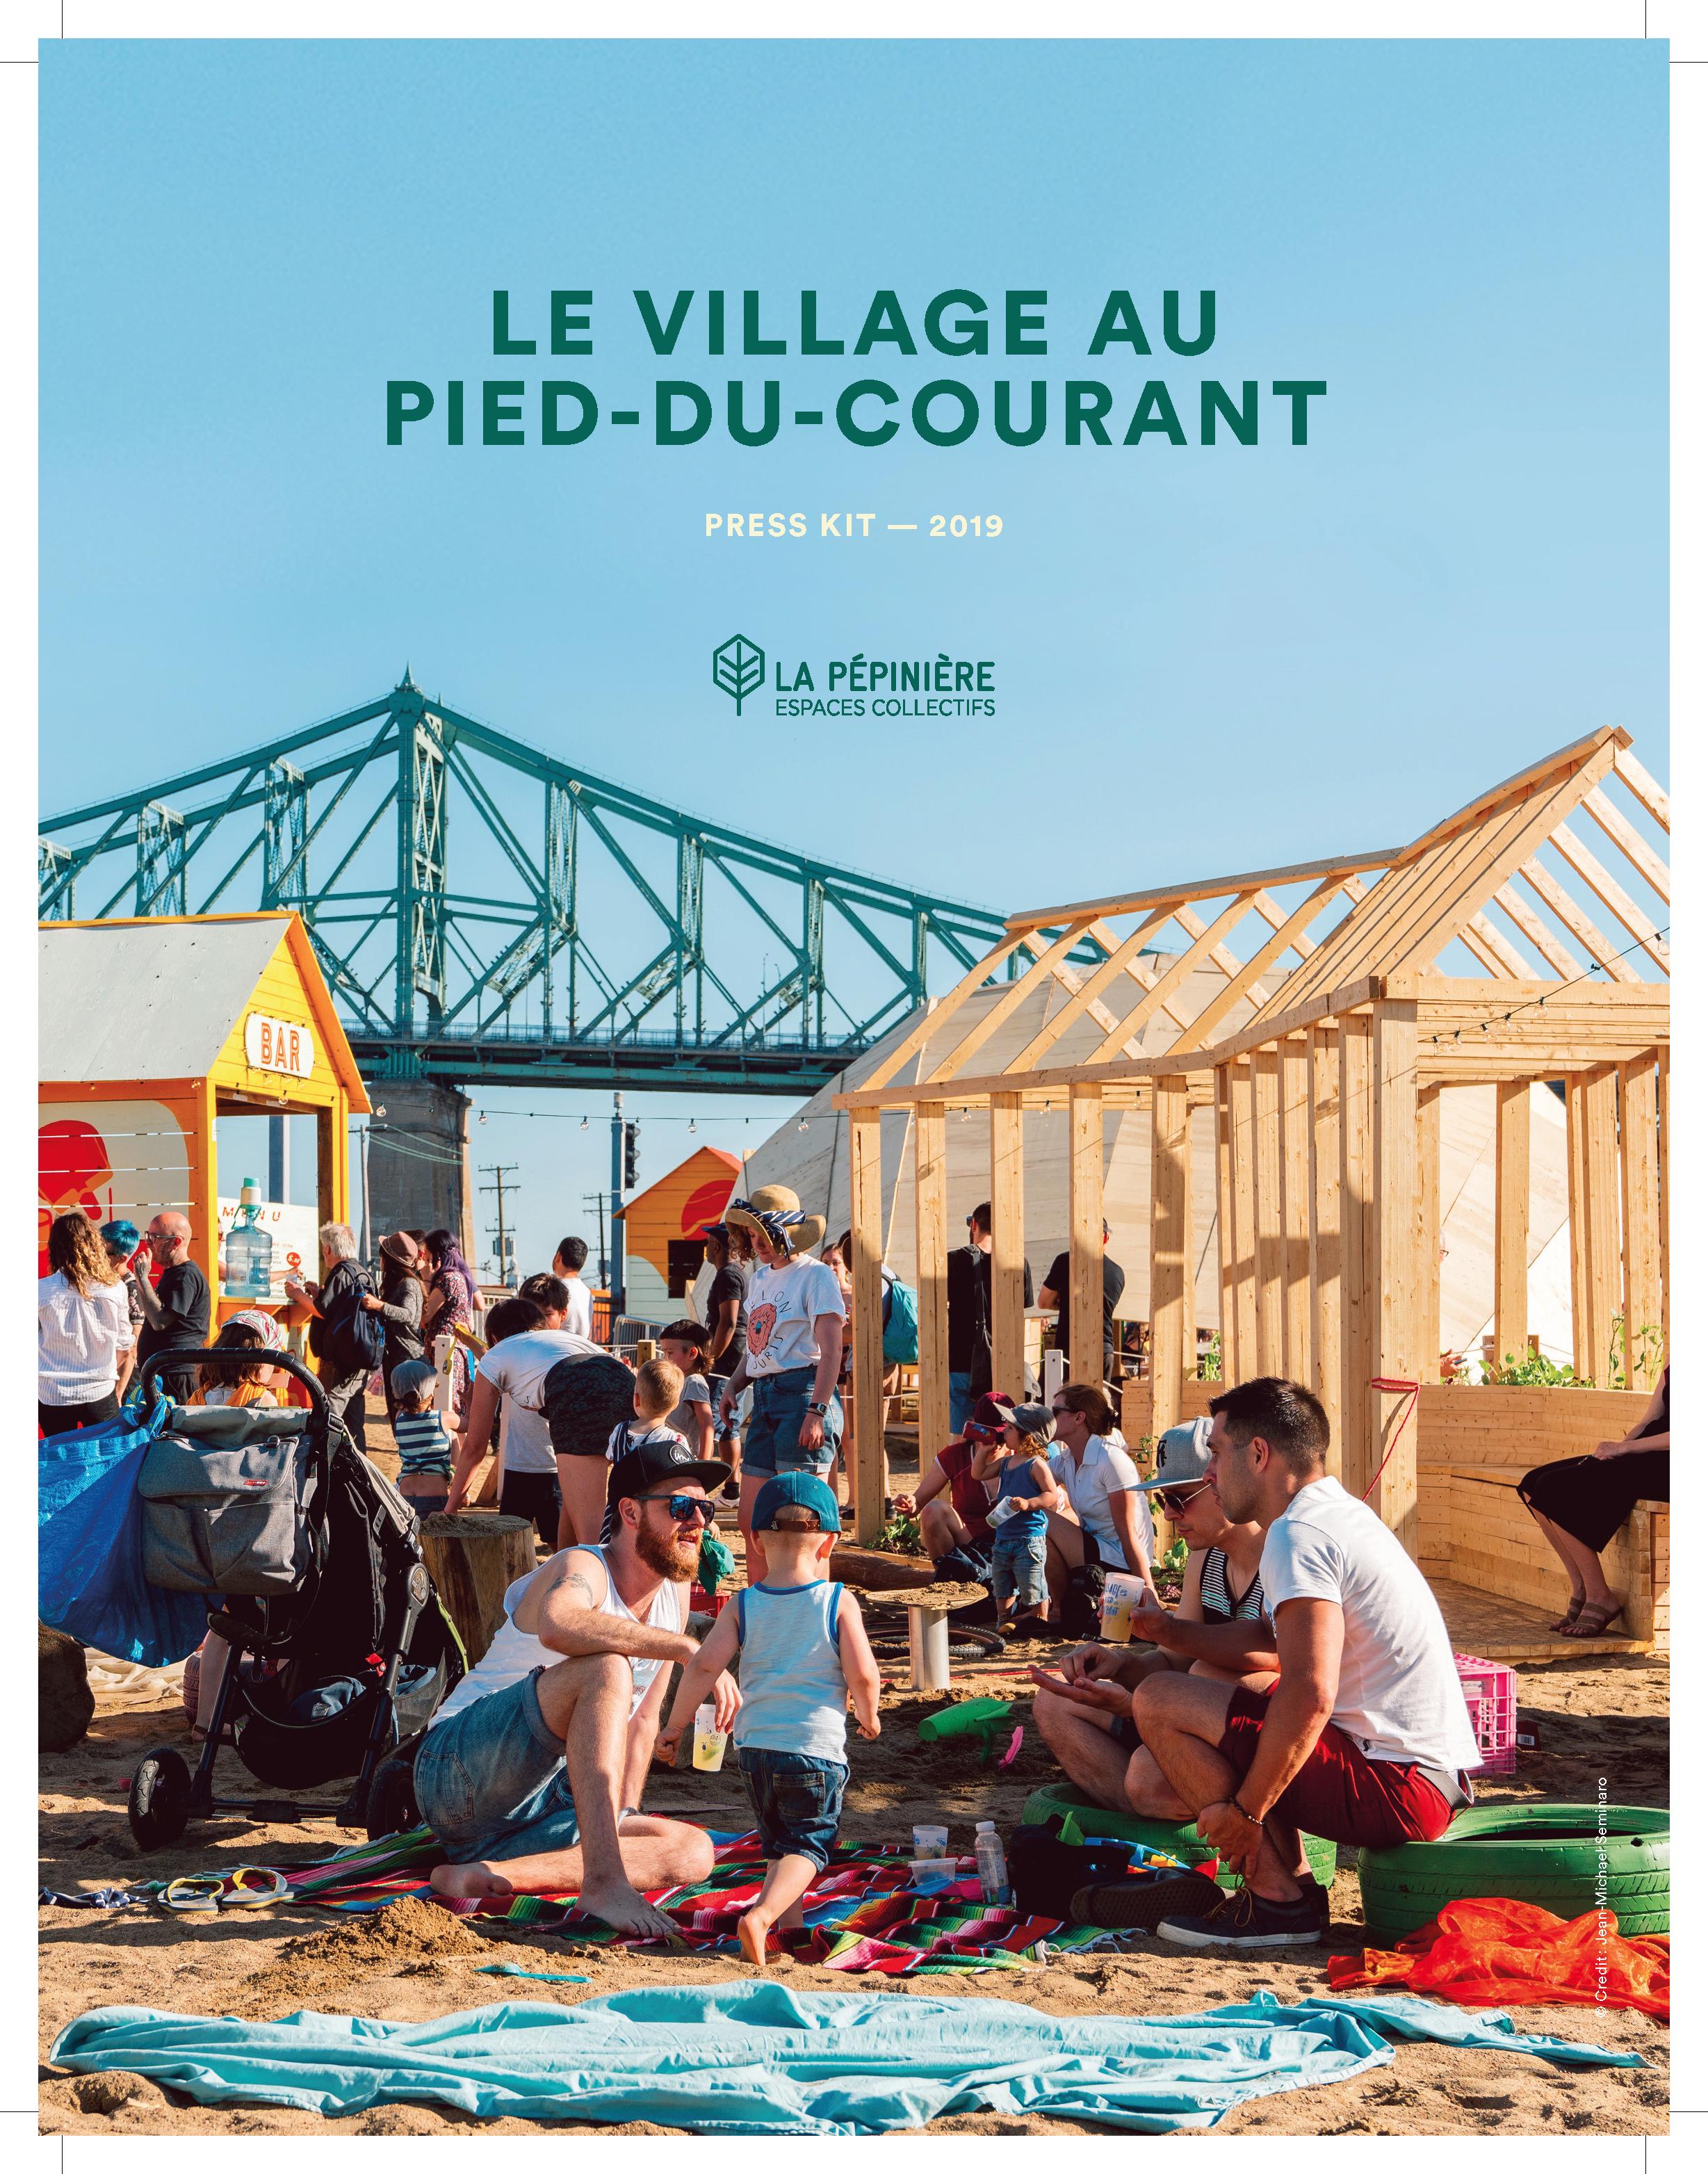 Village_communiquePresse_juin2019_ENG_v02_Page_01.png